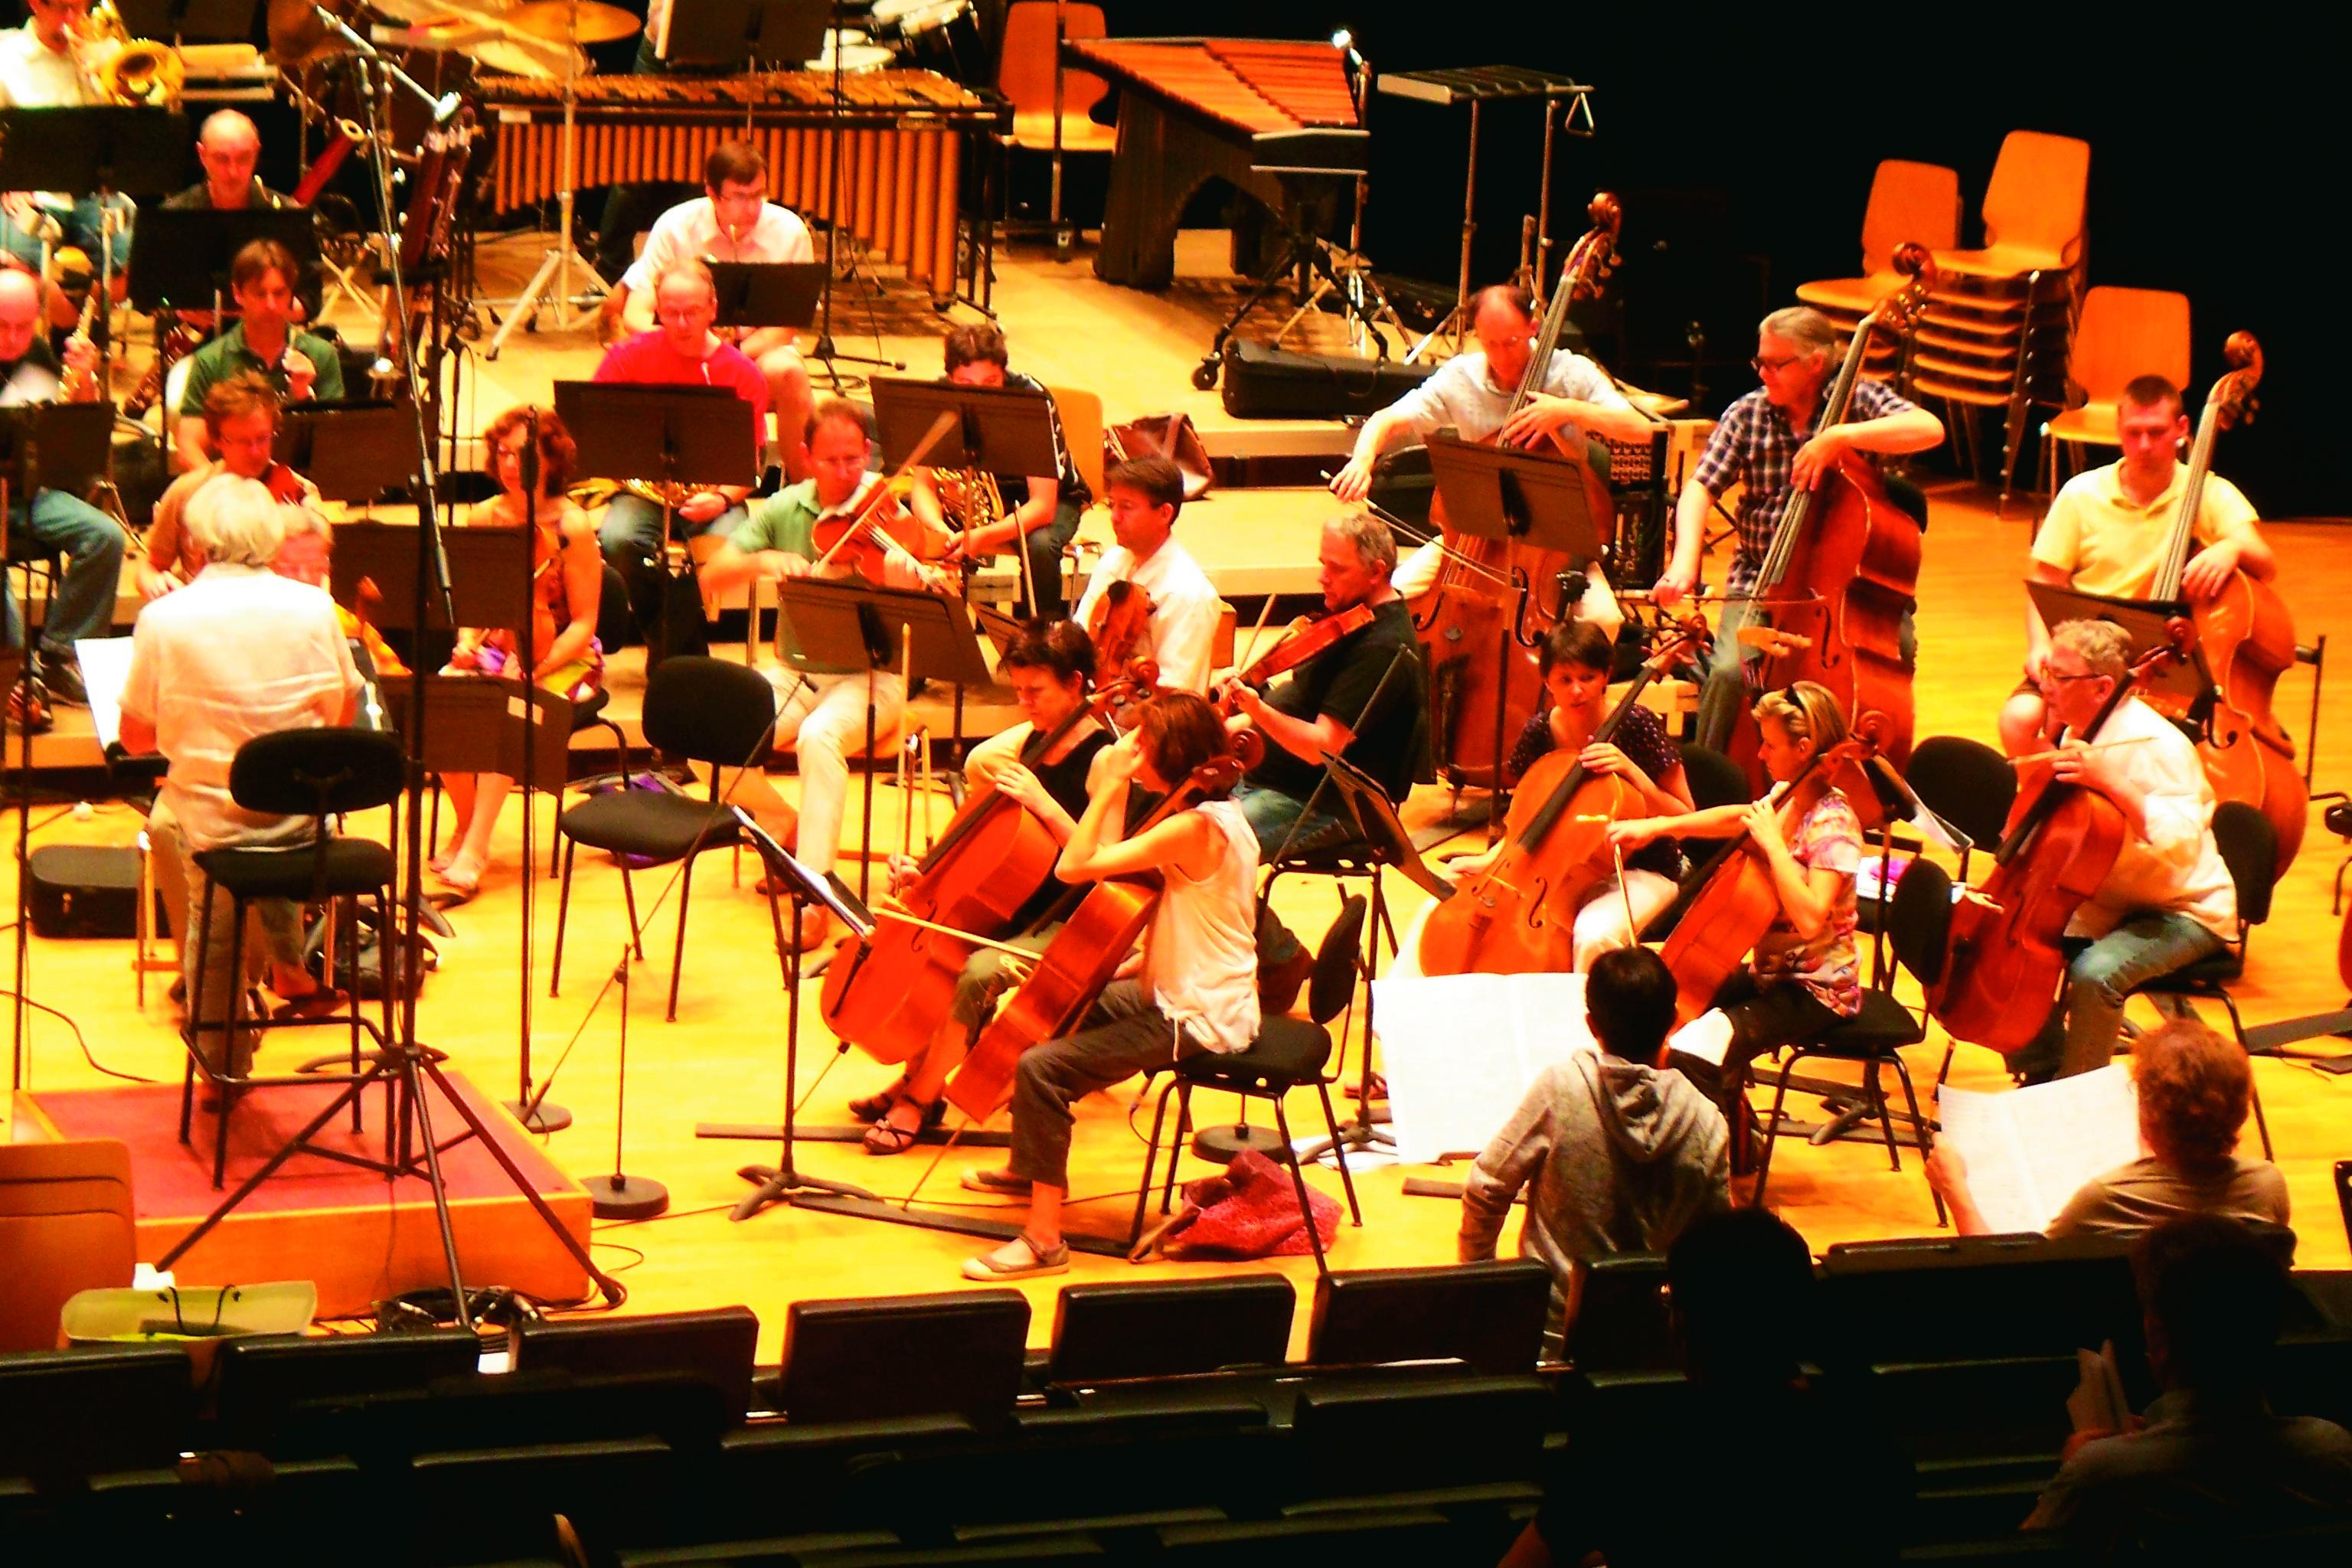 筆者がスペクトラル楽派の創始者の一人と見做されている作曲家トリスタン・ミュライユの指導のもと、ロレーヌ国立管弦楽団による自作の初演のためのリハーサルに立ち会っている写真(サントル・アカント現代音楽講習会、2010年7月。右下、前列、後ろ姿の二人が筆者とミュライユ)